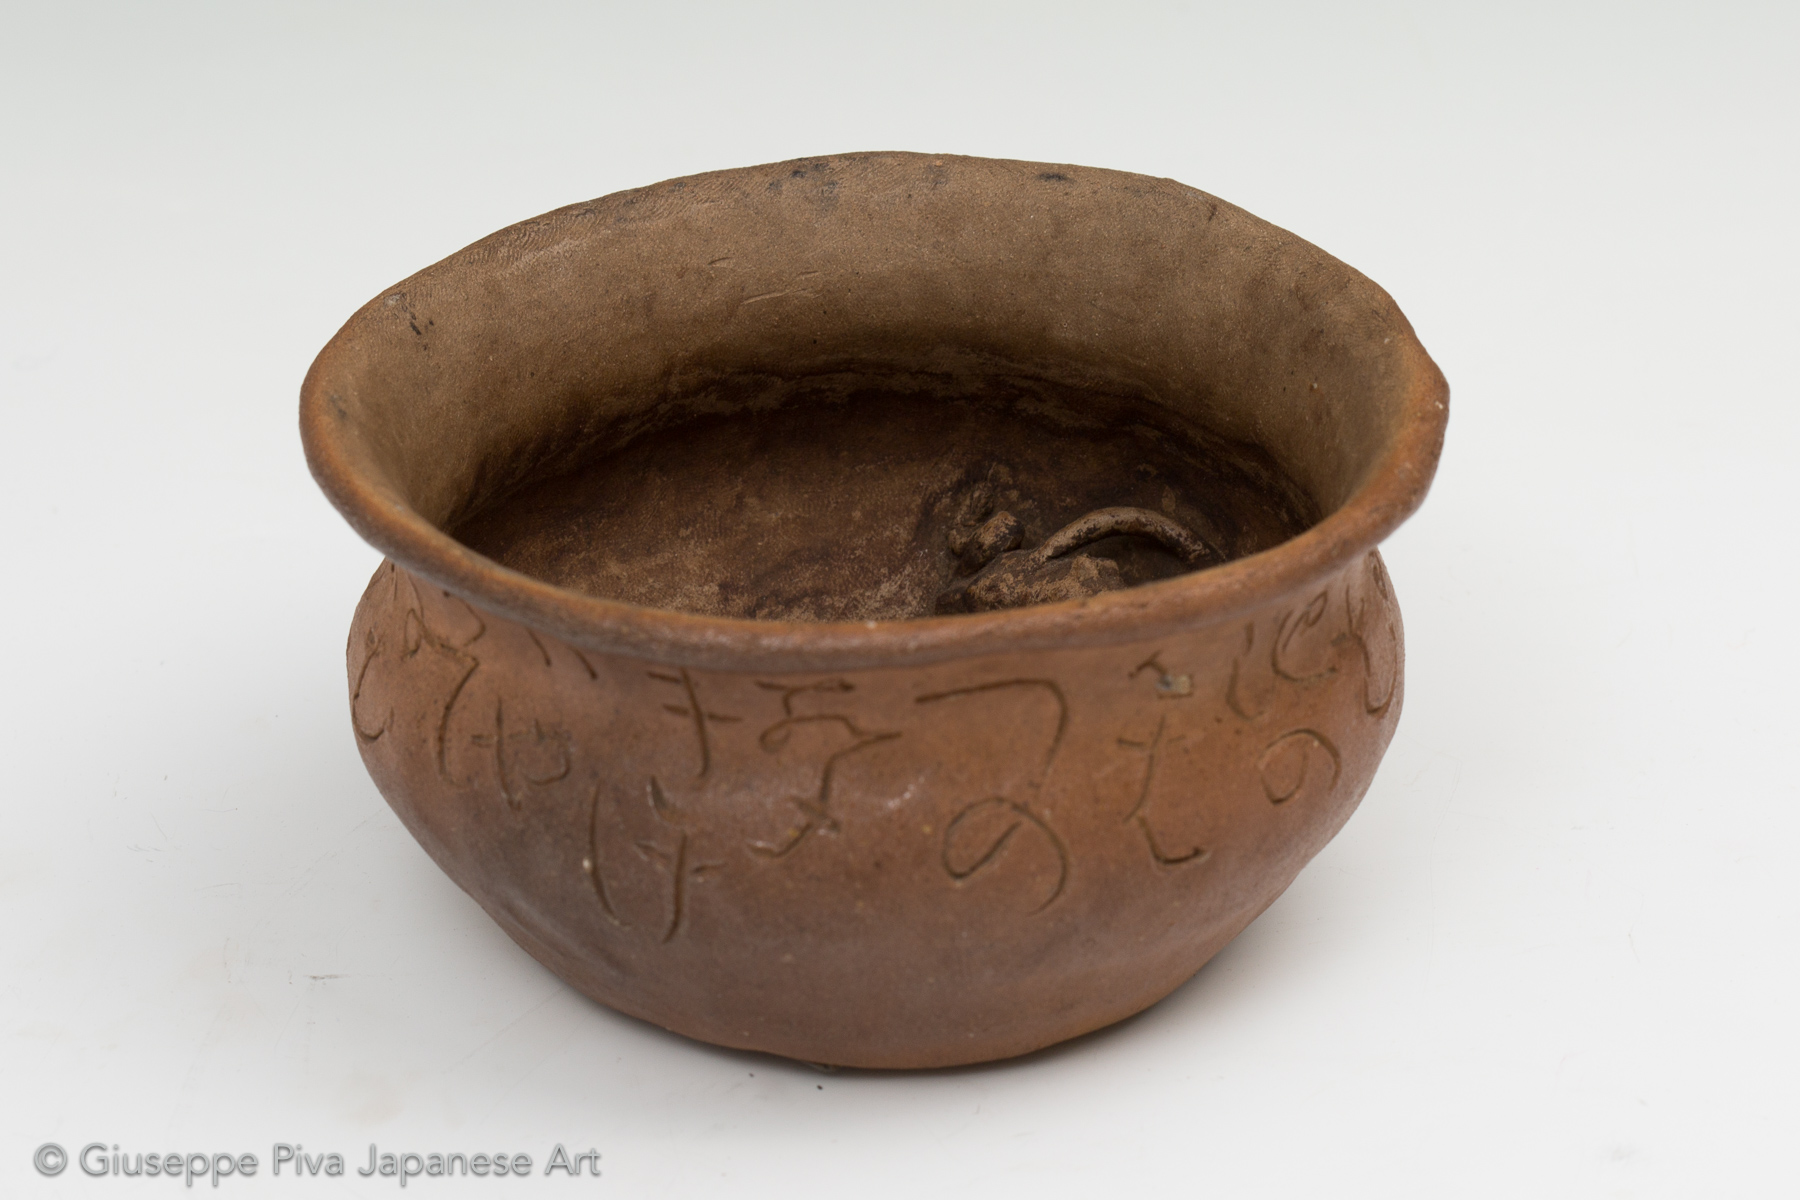 Kensui, contenitore per l'acqua con poesia e rana all'interno